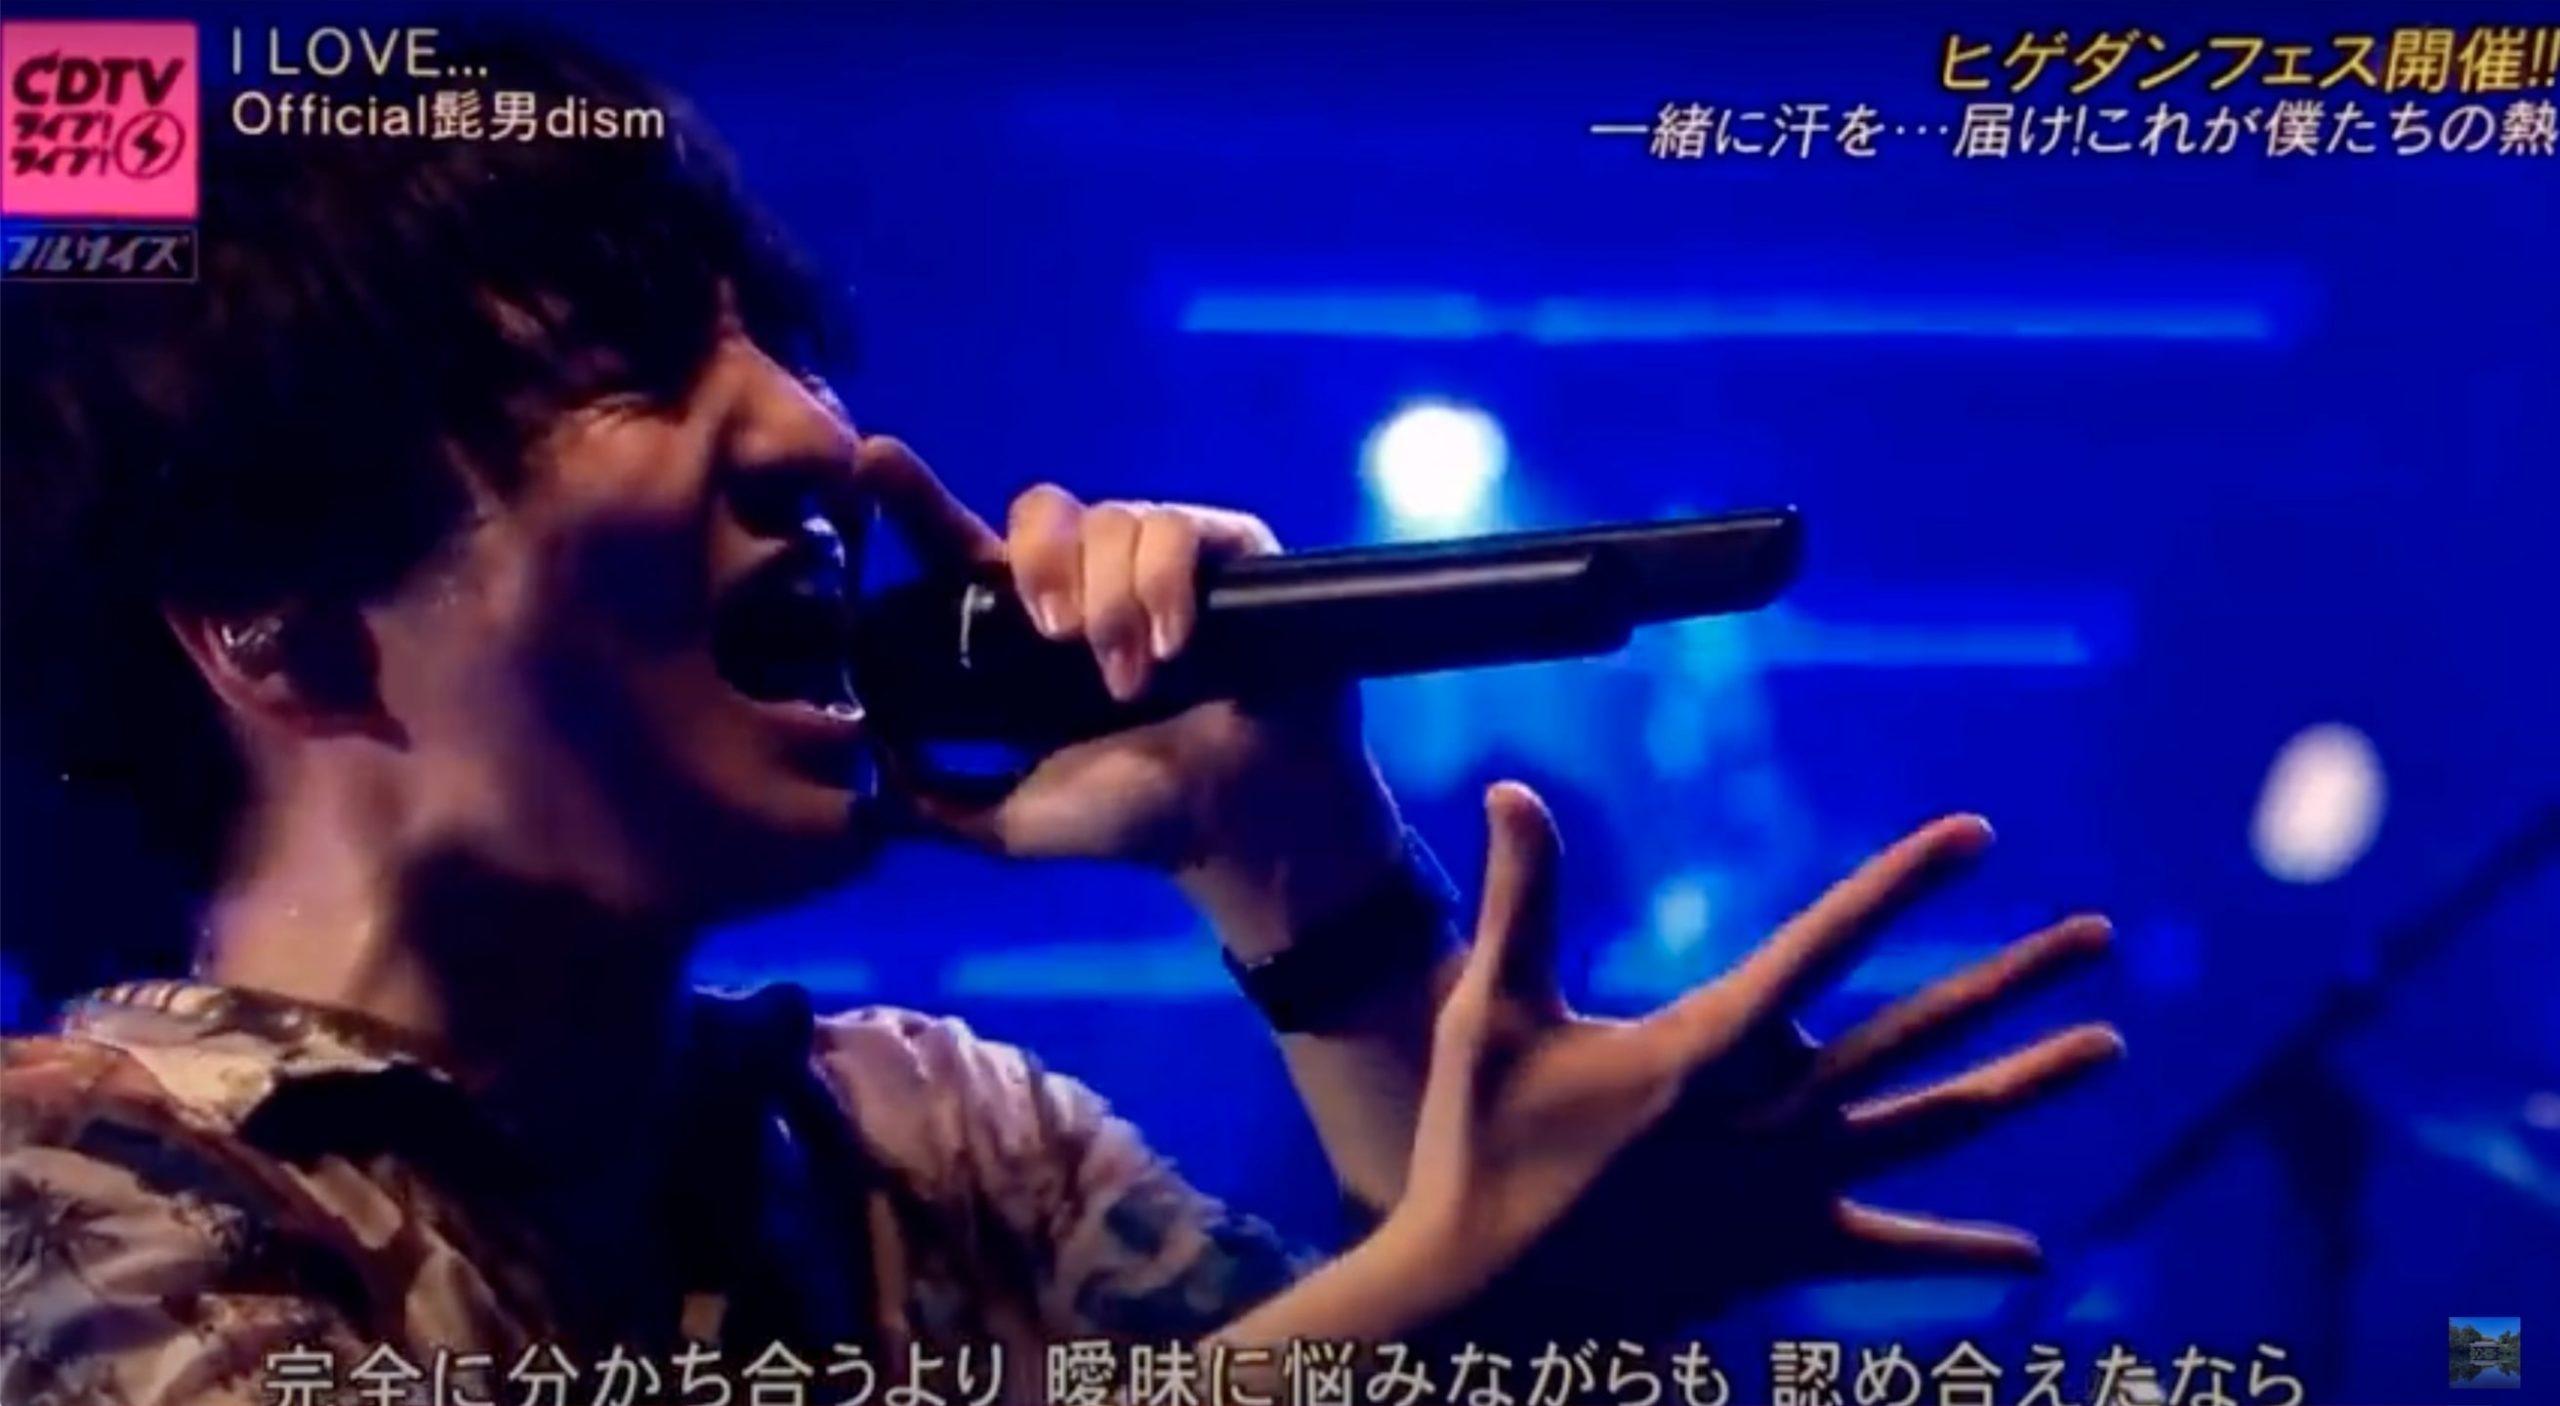 2020年第71回紅白歌合戦でヒゲダン(Official髭男dism)が歌う曲